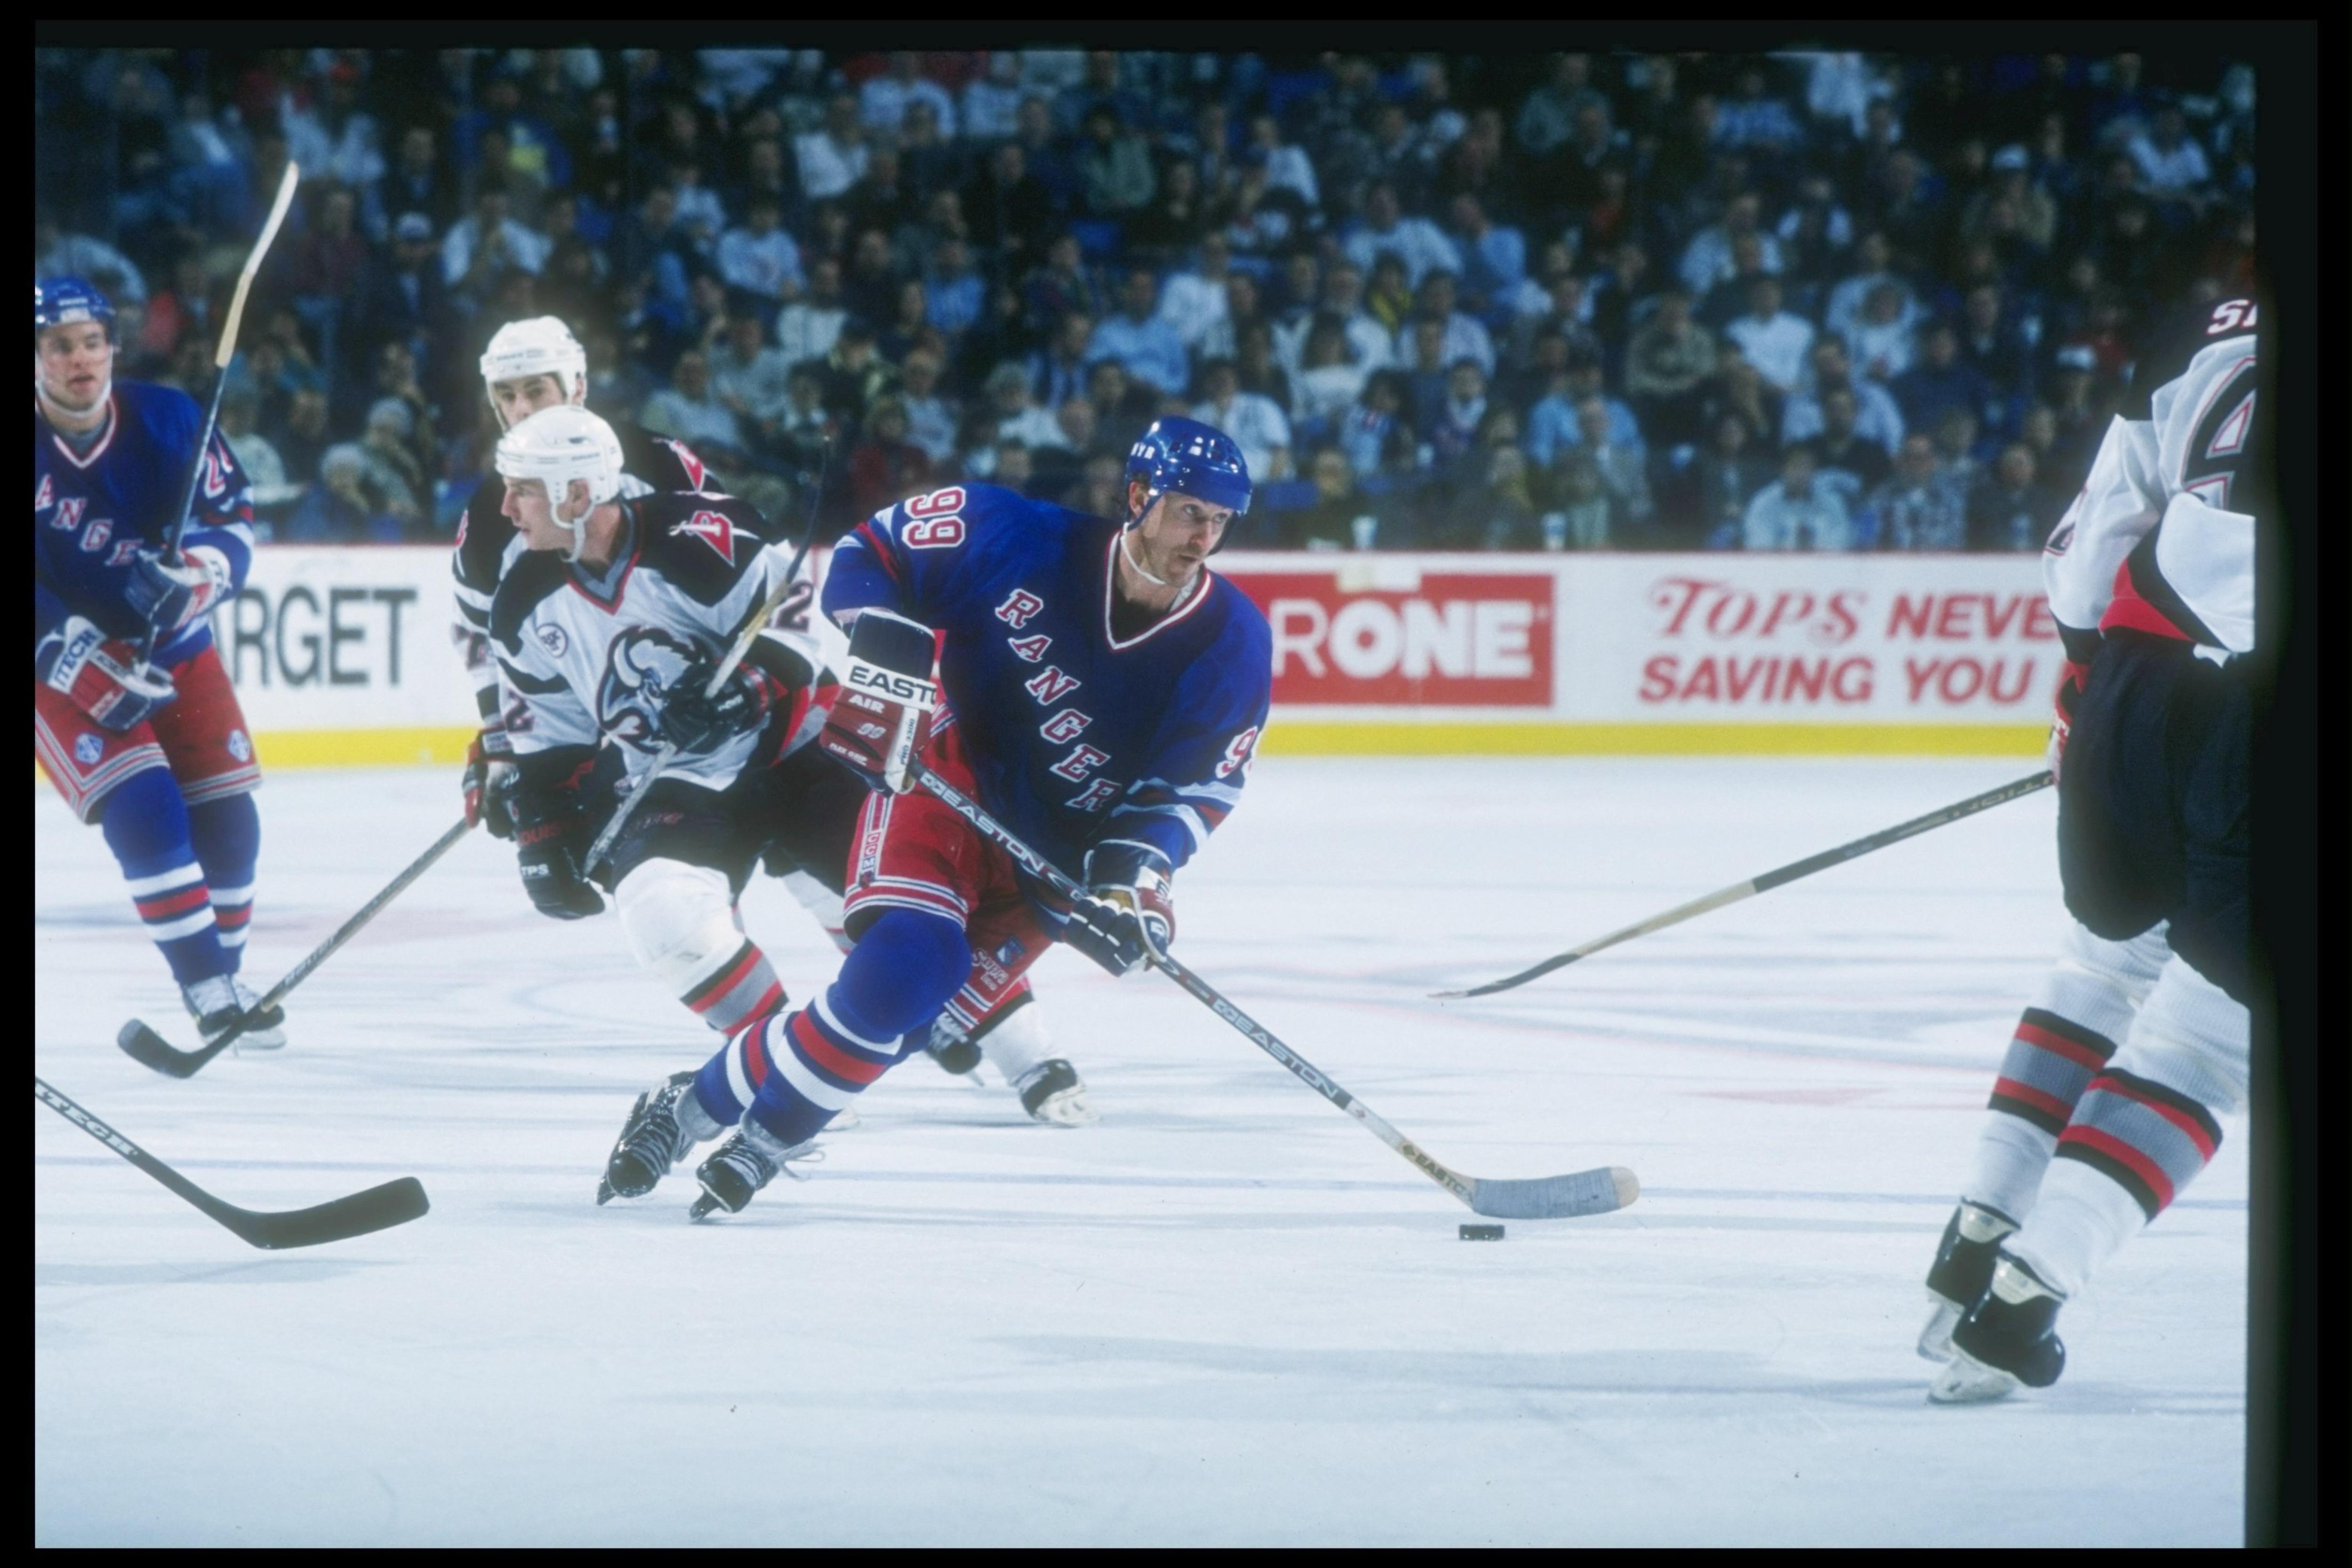 Wayne Gretzky prend possession de la rondelle lors d'un match contre les Sabres de Buffalo, en décembre 1996.